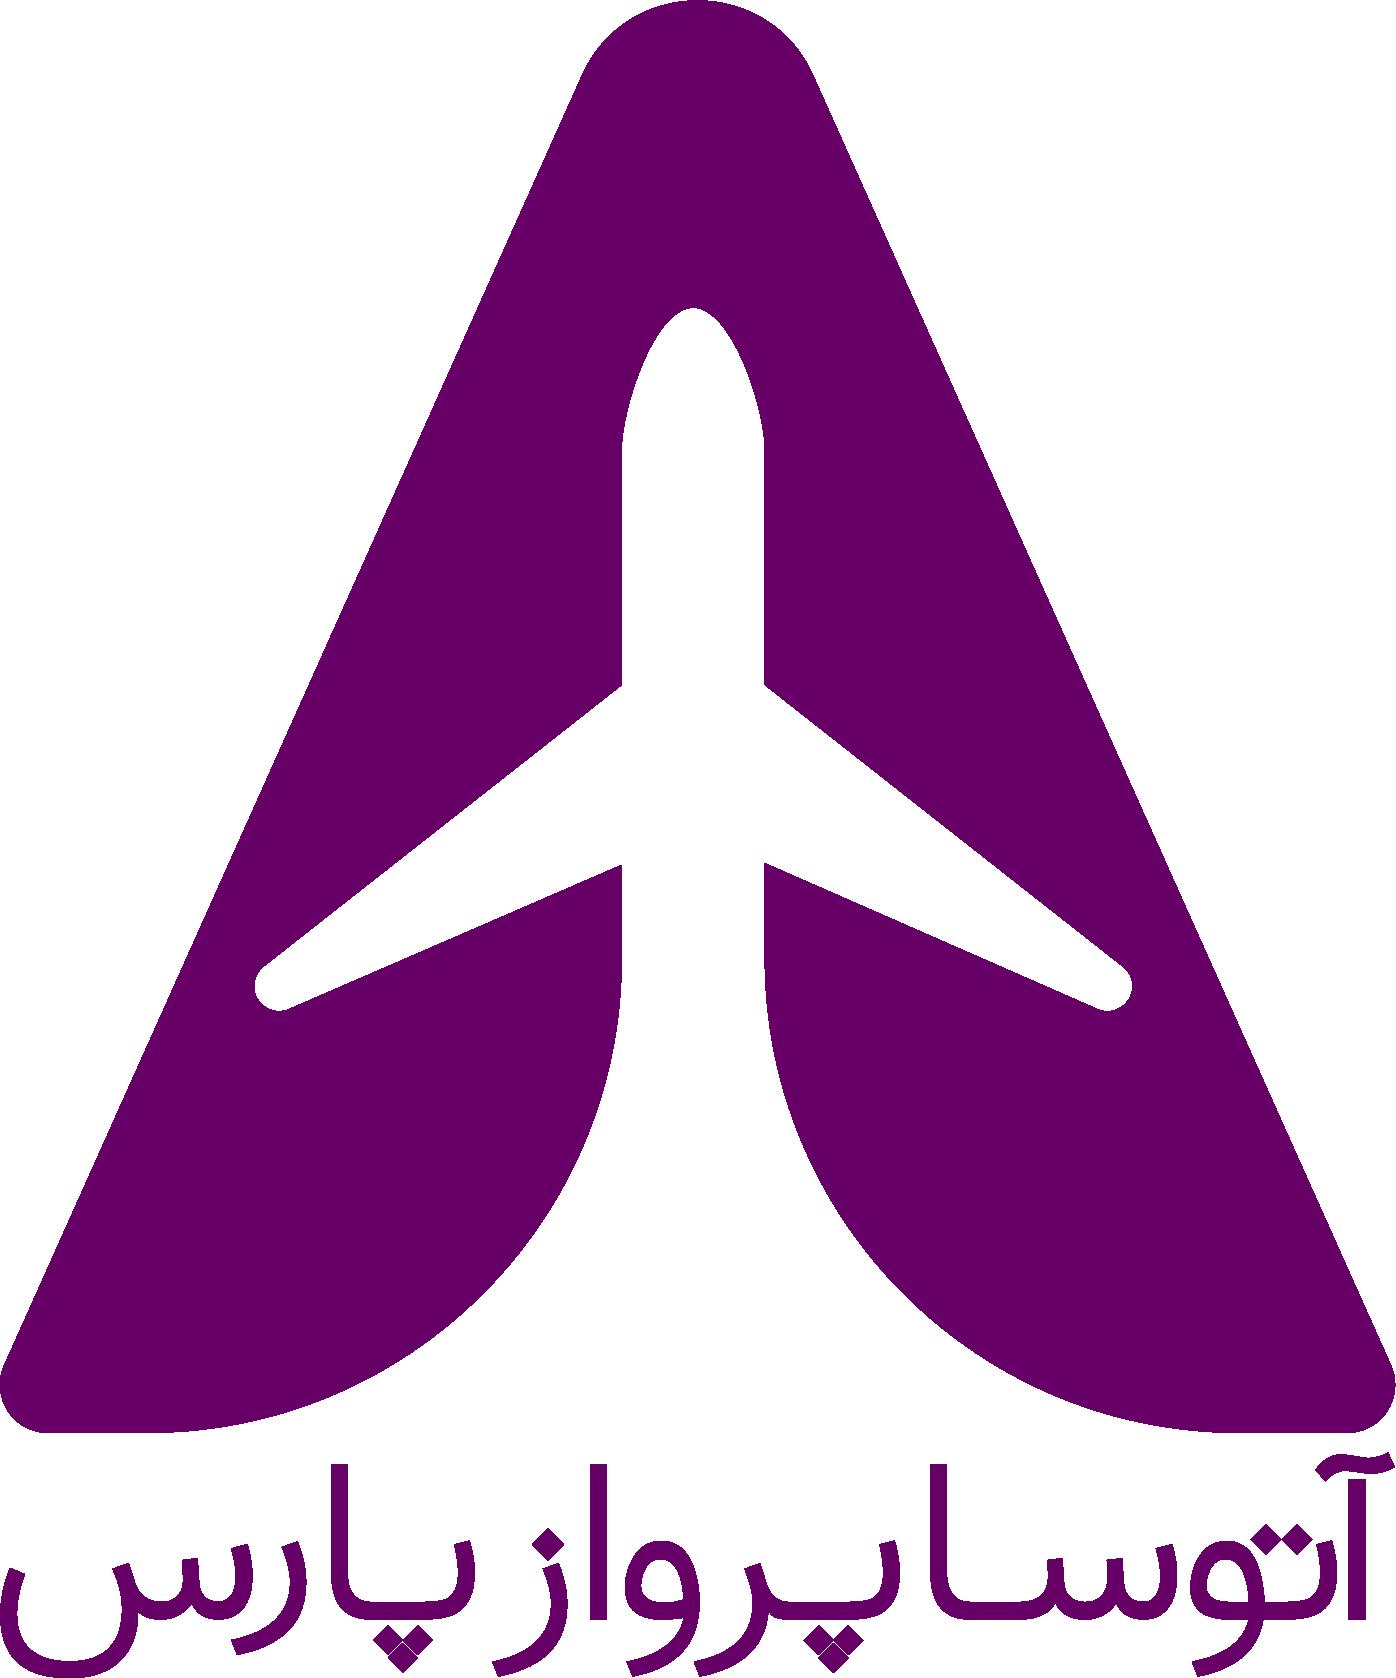 آتوسا پرواز پارس